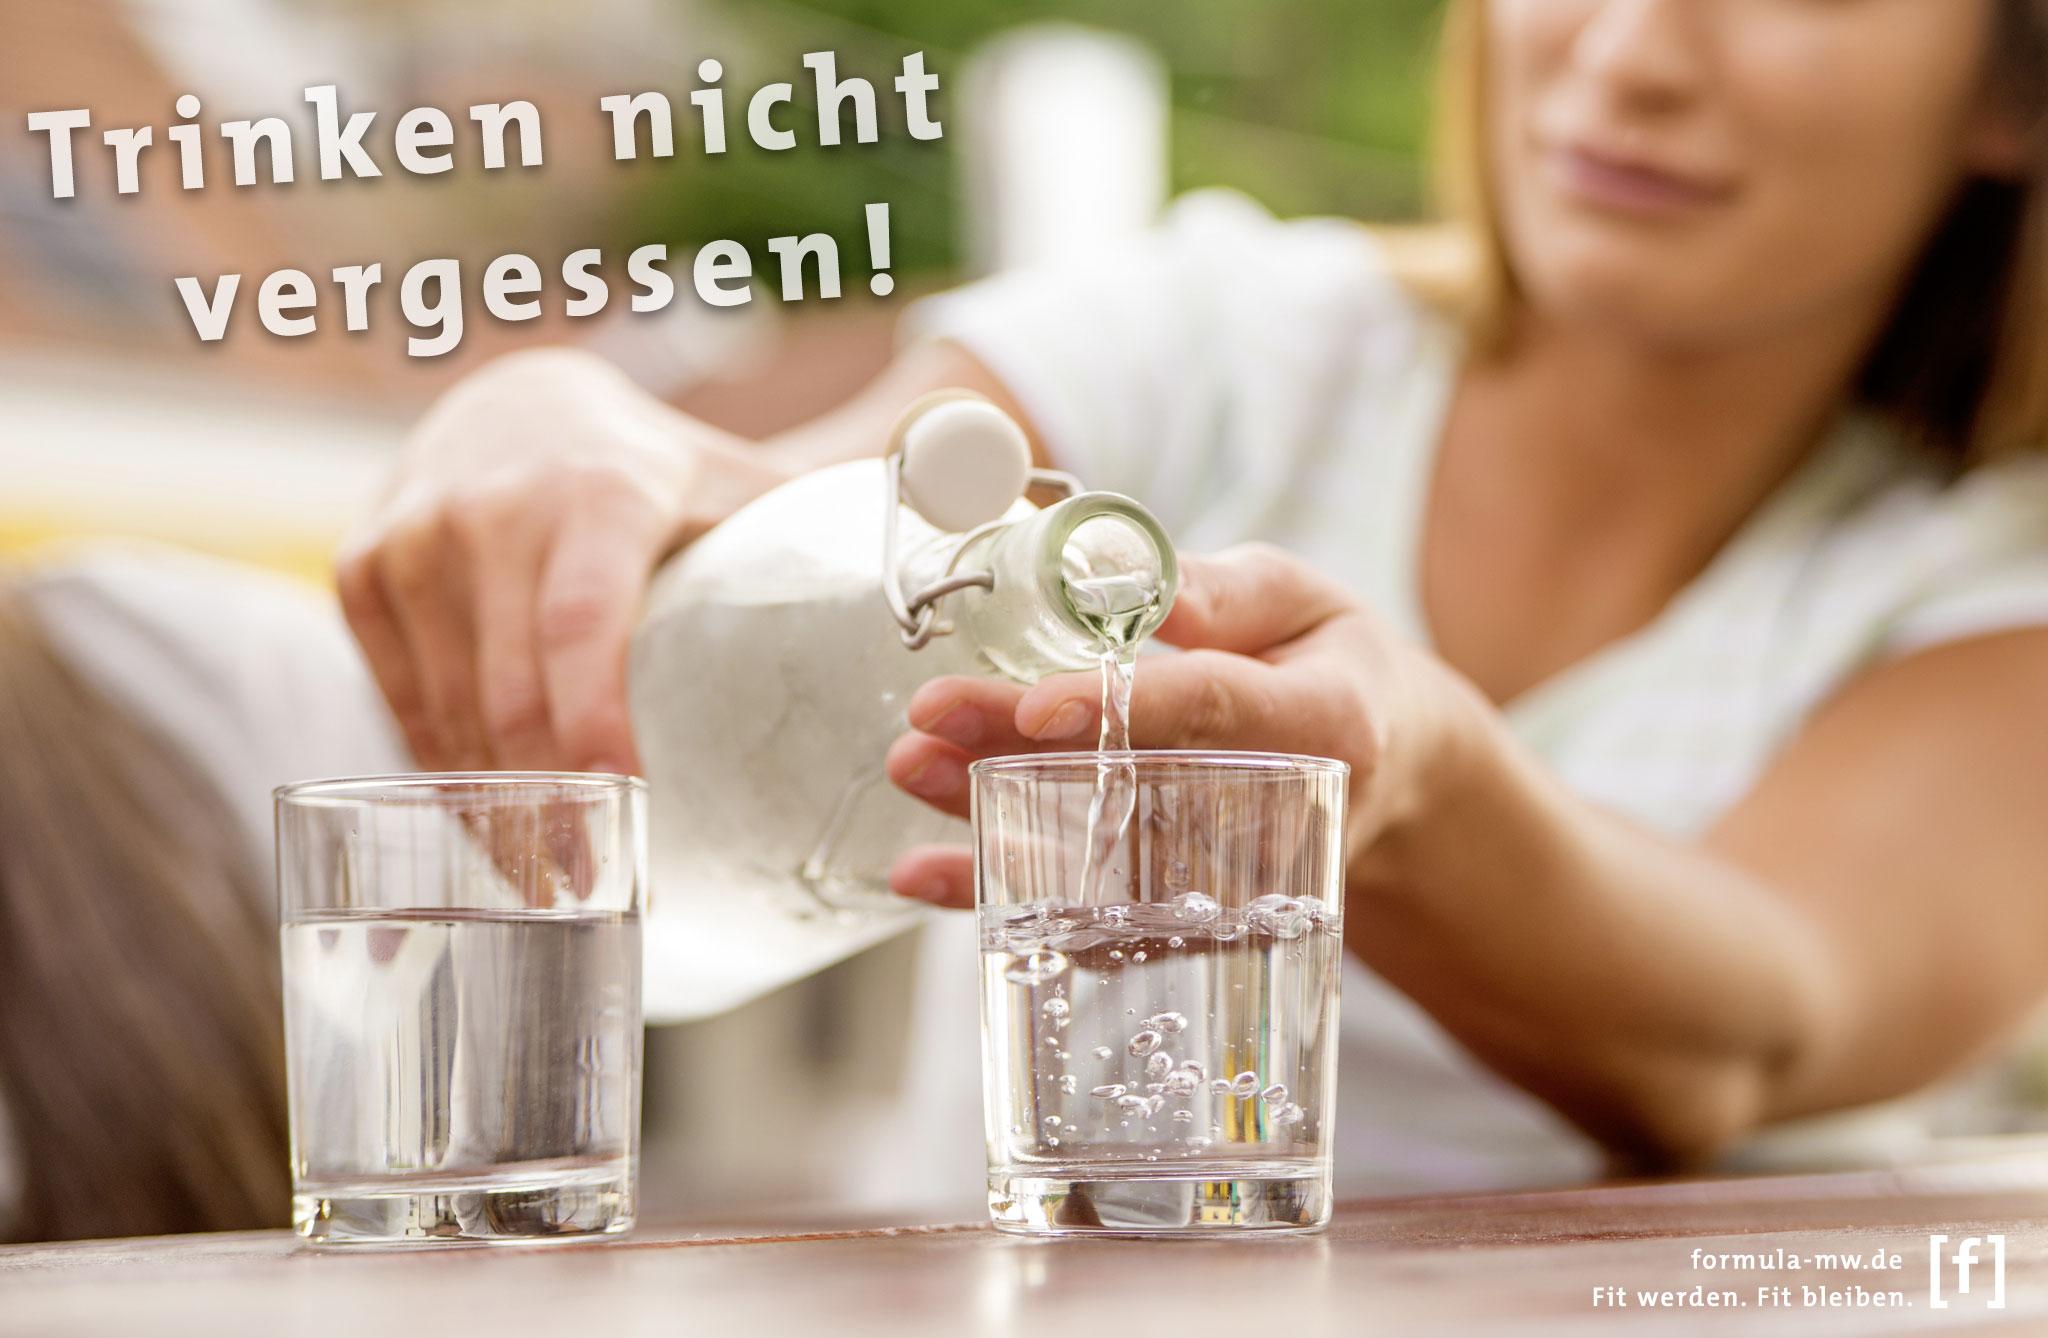 Trinken nicht vergessen!